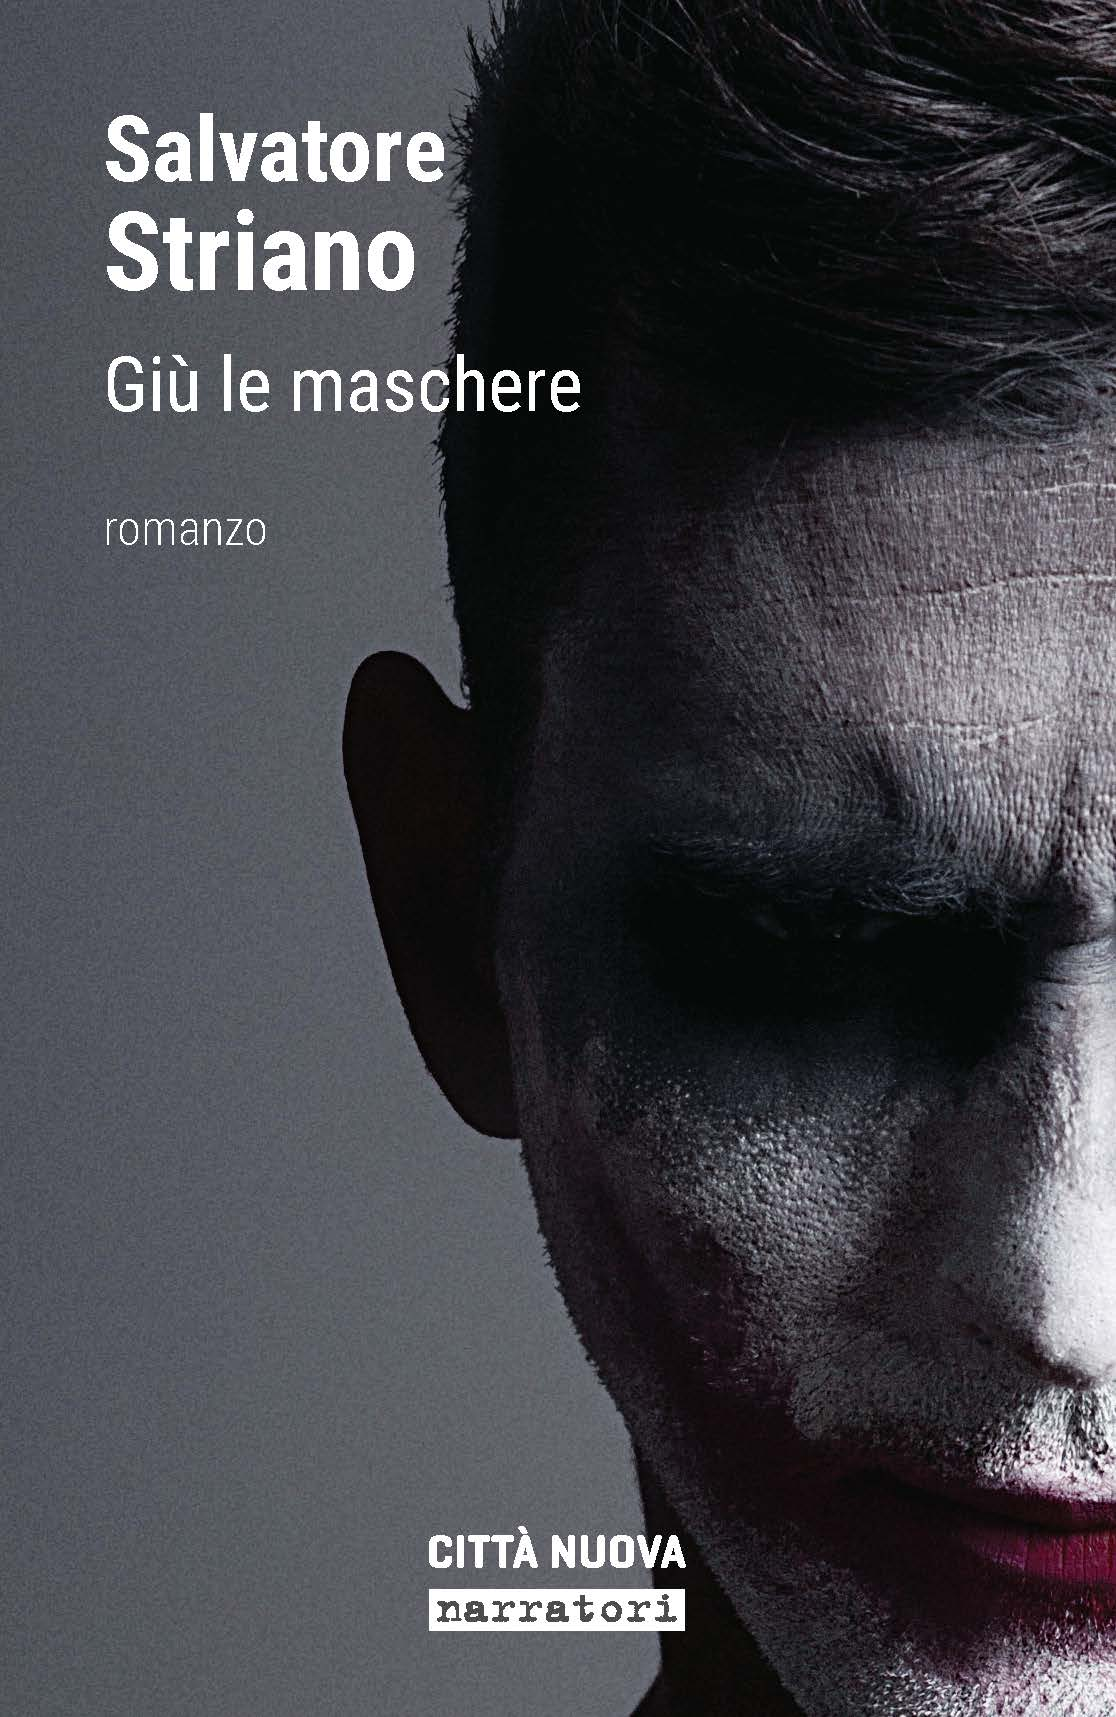 Recensione di Giù Le Maschere – Salvatore Striano